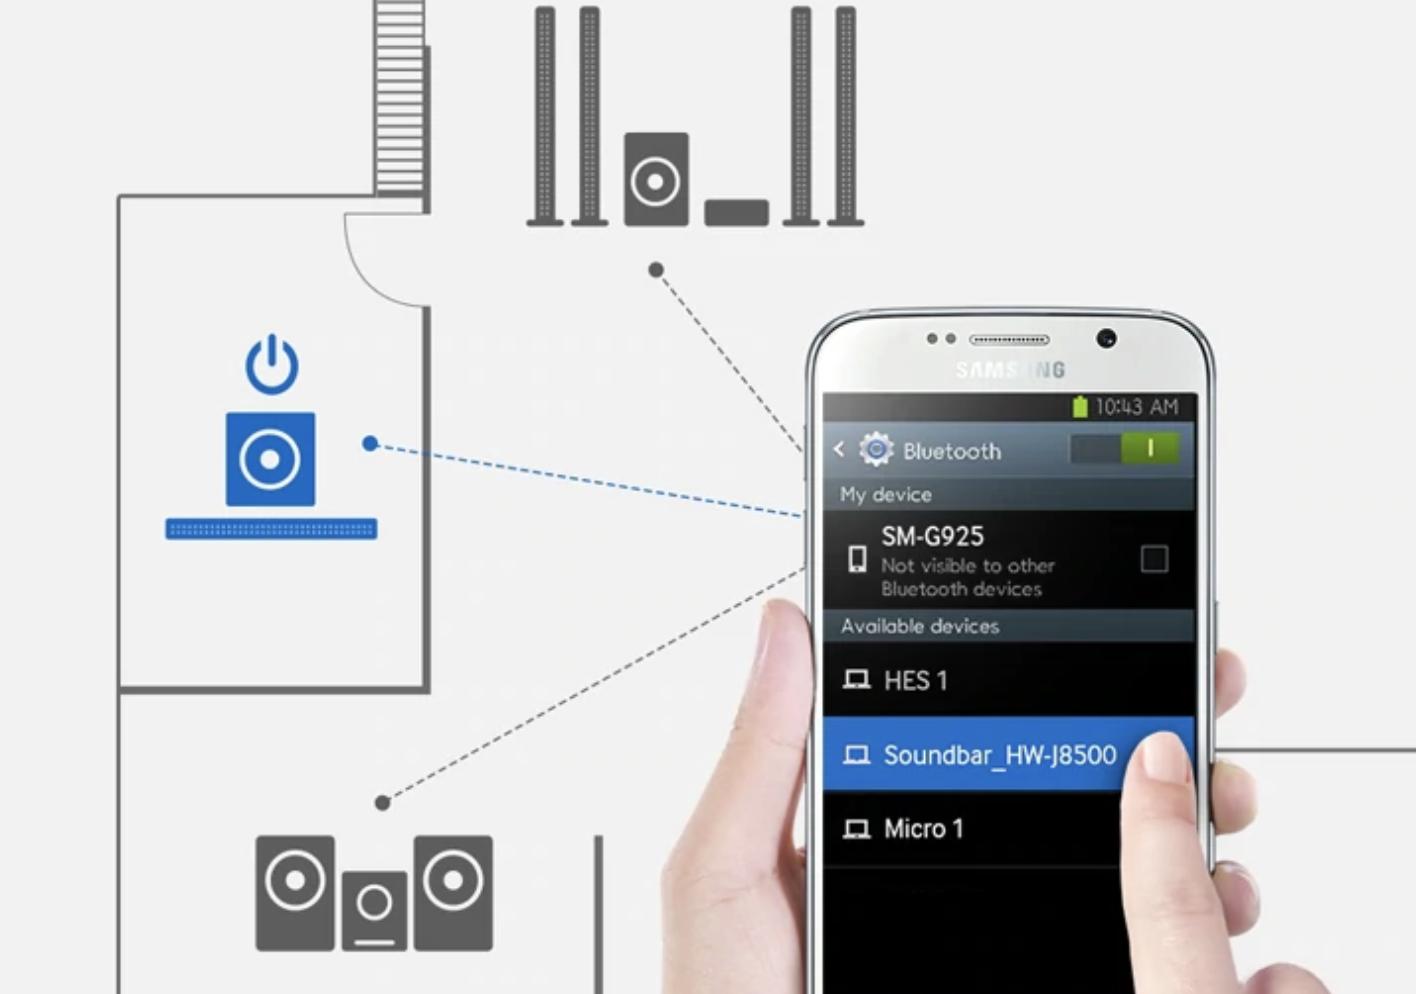 collegare soundbar: wifi, bluetooth, hdmi